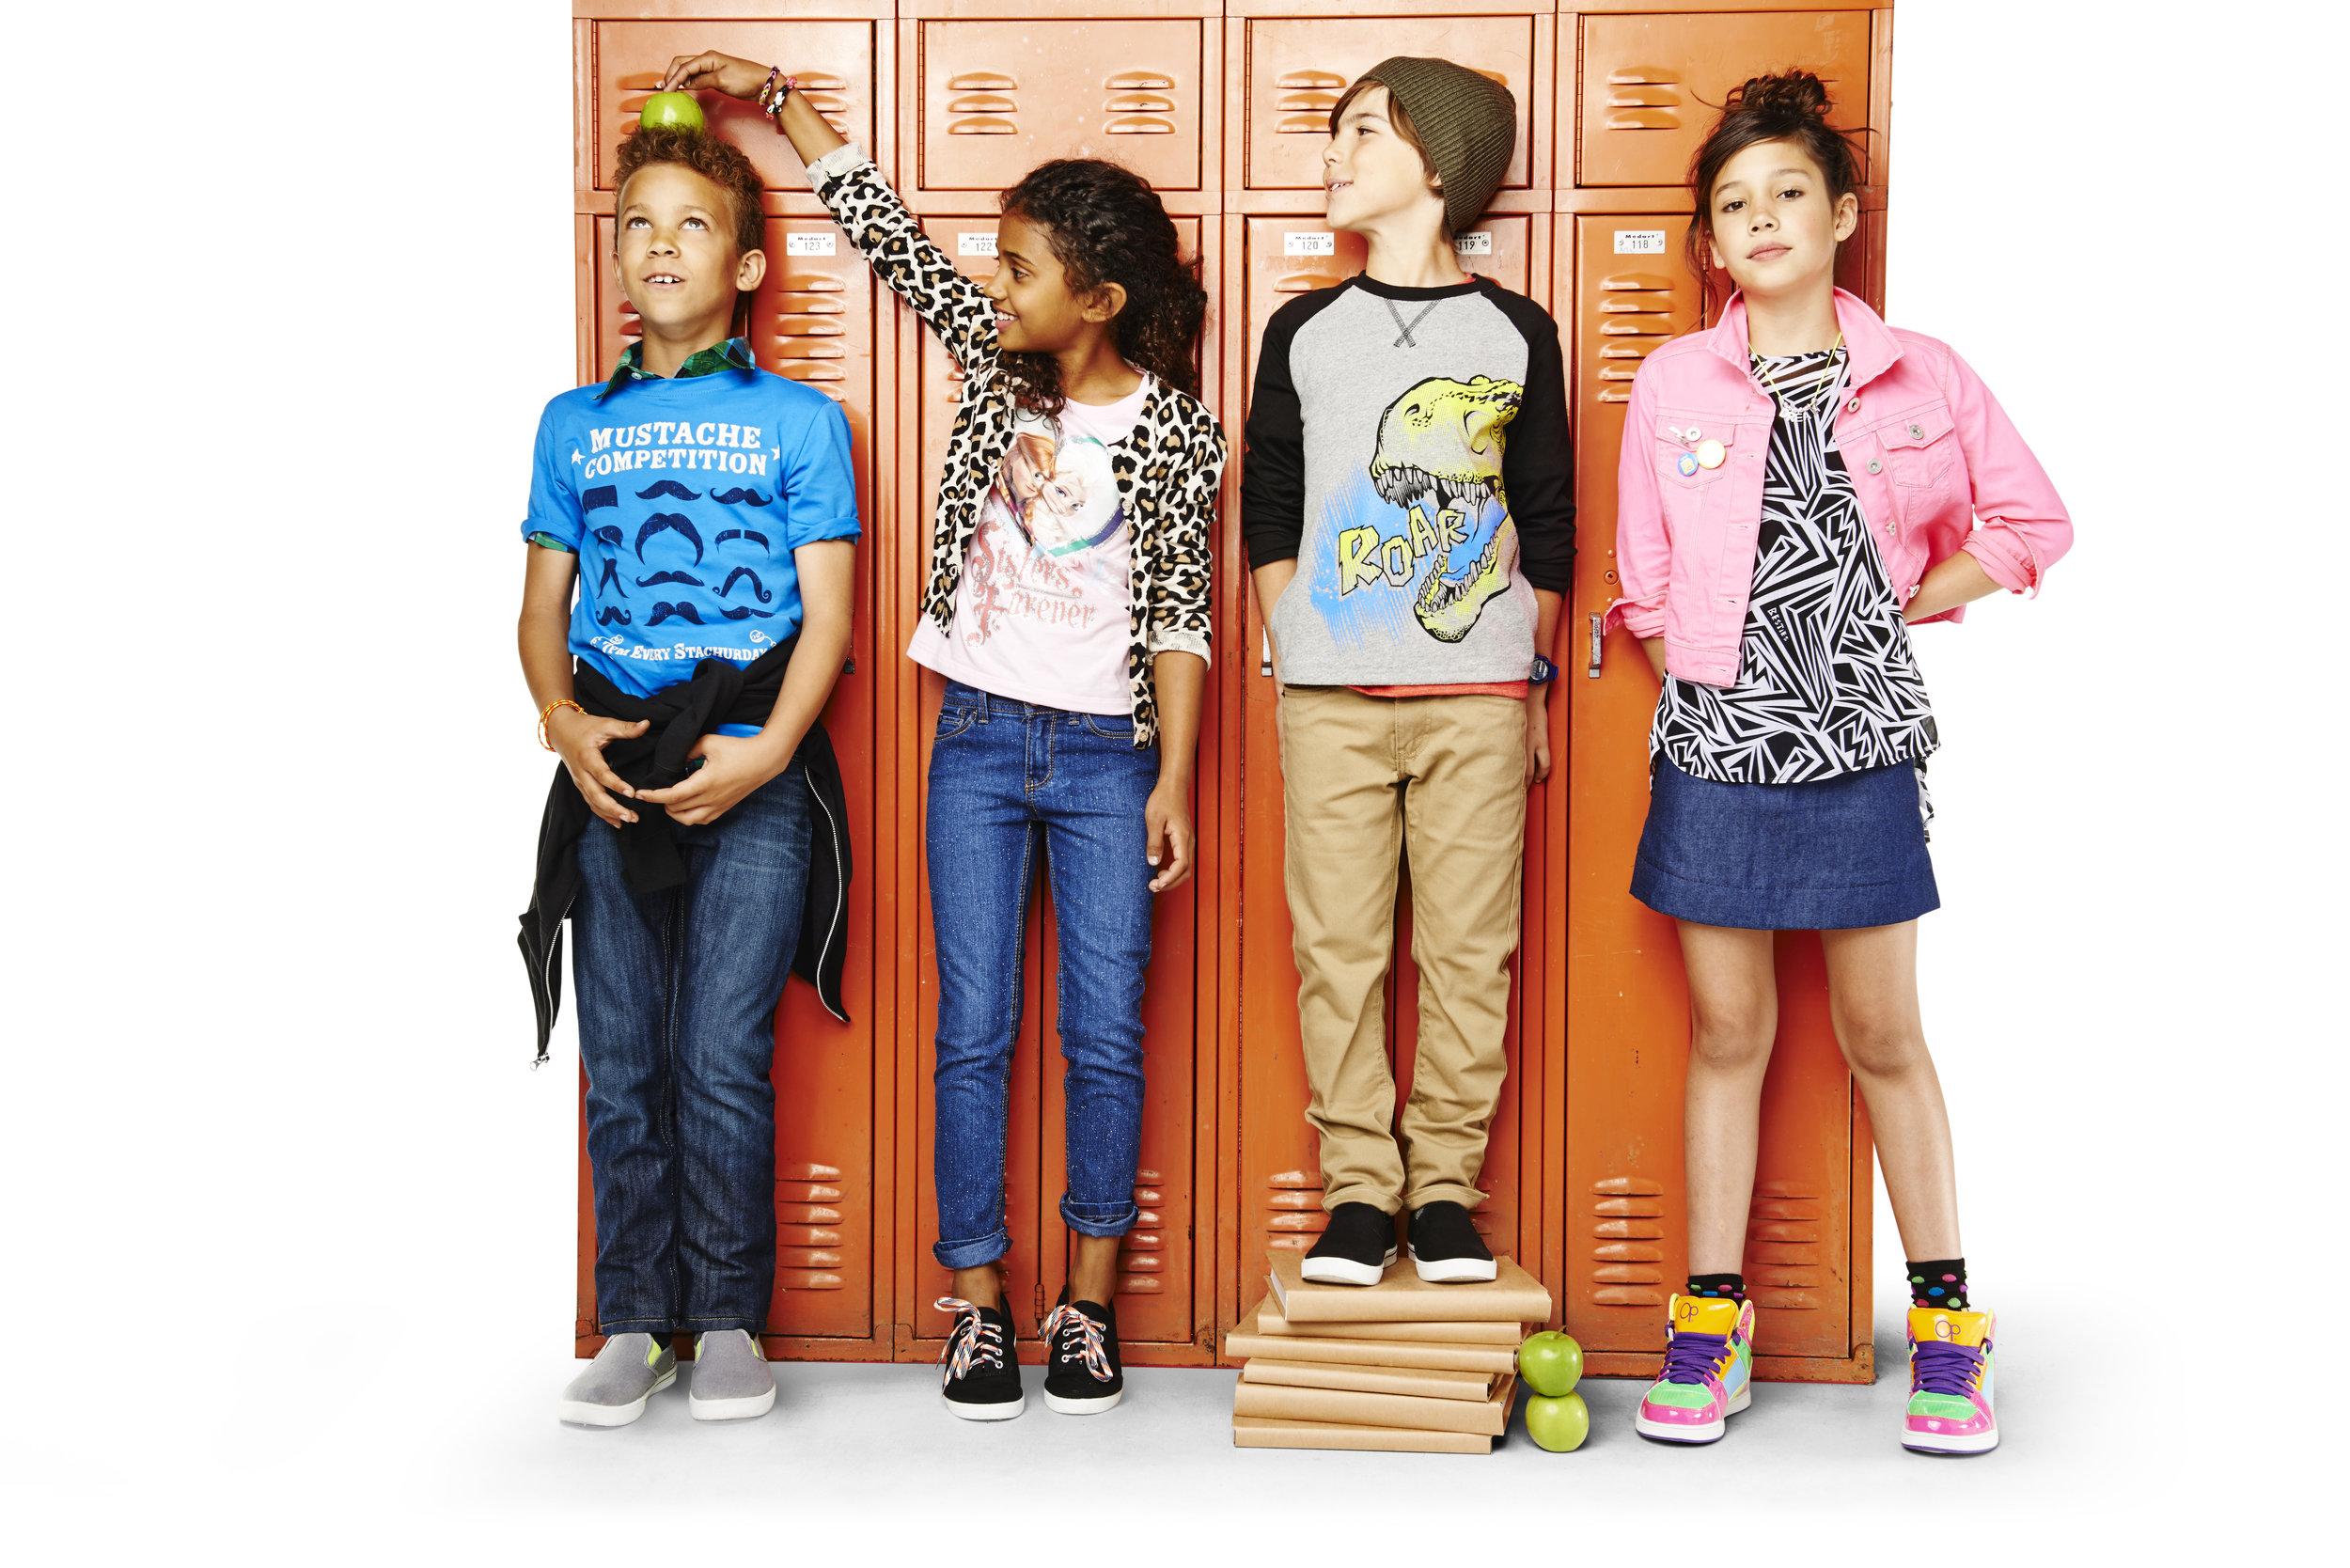 28700_51547_BTS_Aprl_Fashion_Boy_Girl_Group_1867.jpg